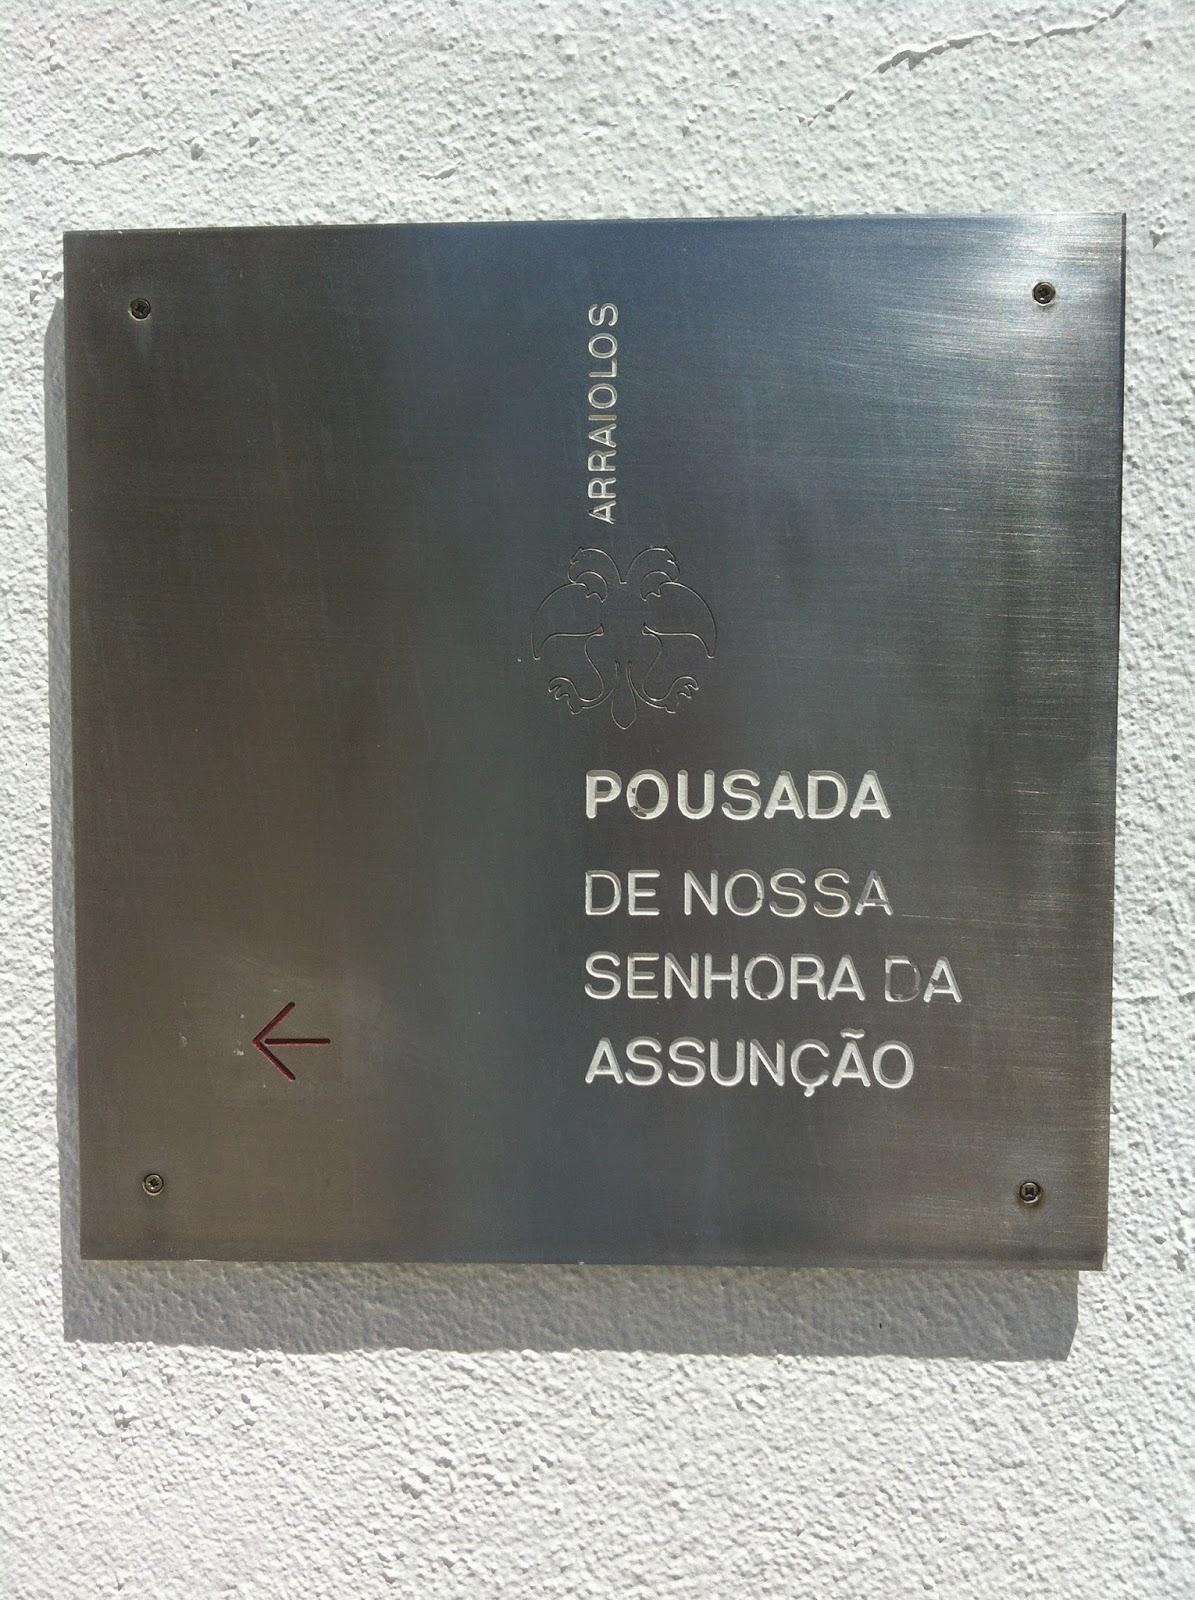 Visita do Coordenador da Comissão de Trabalhadores, Fernando Gomes, à Pousada